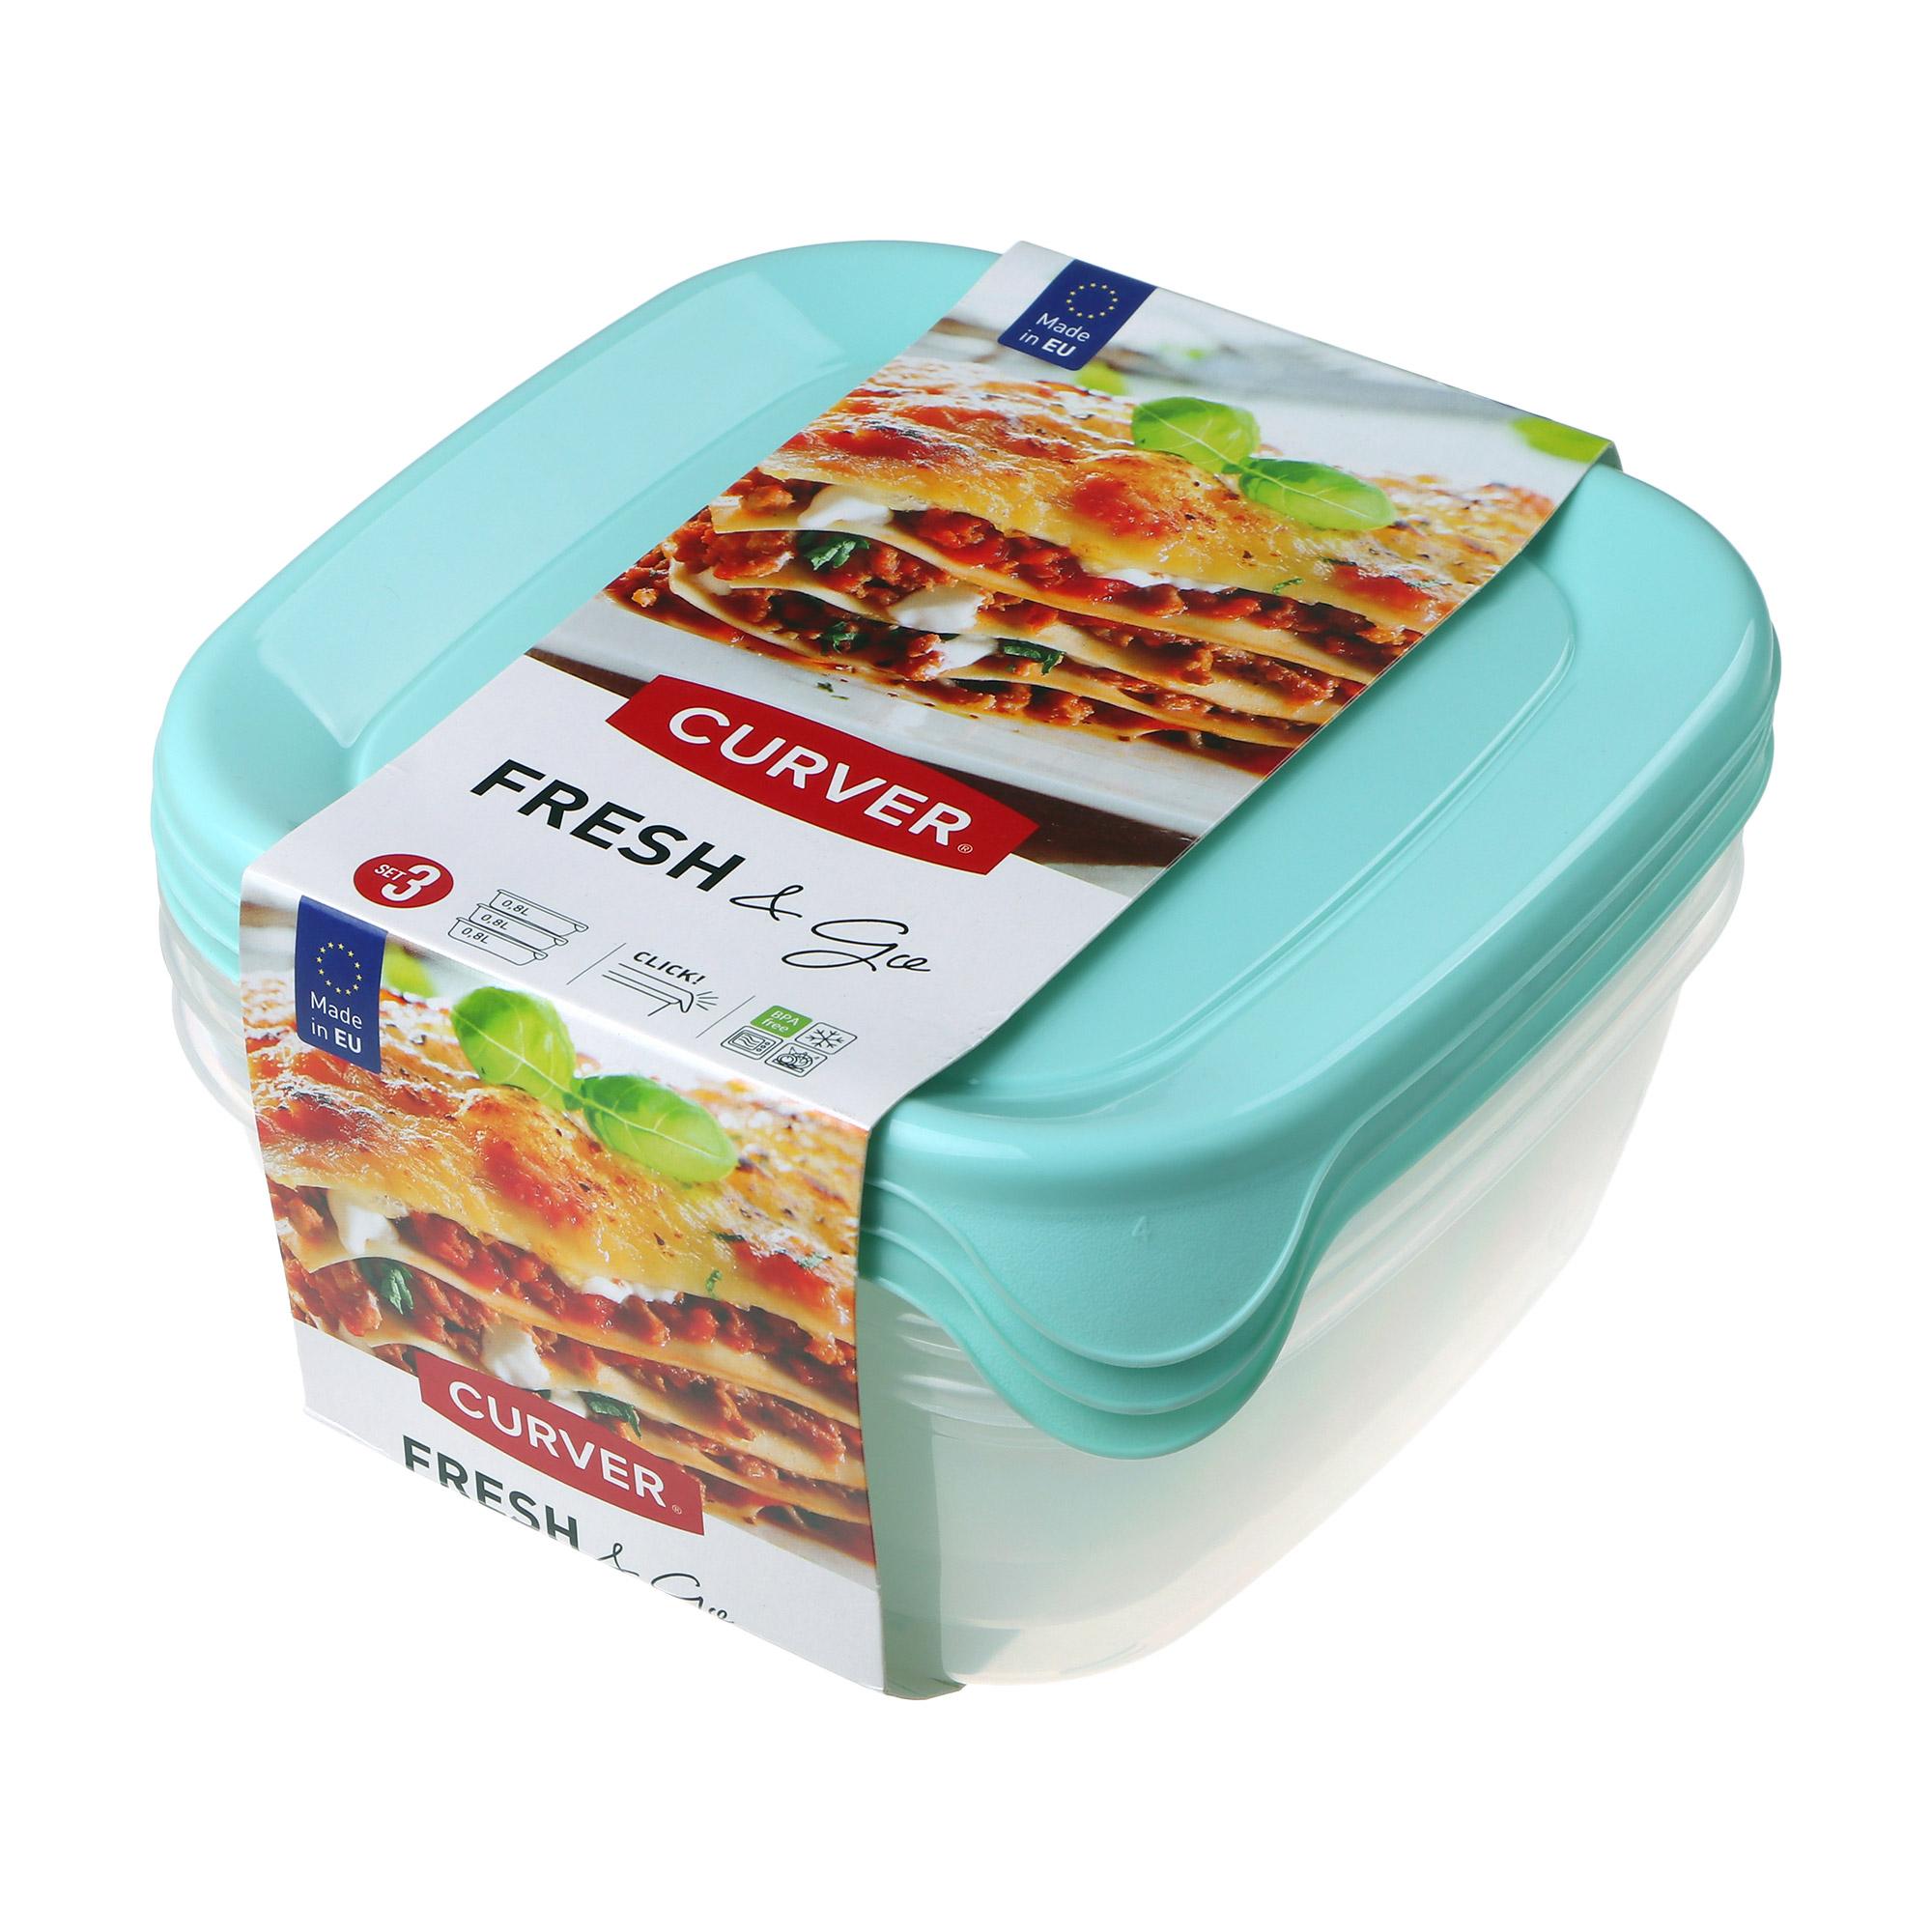 Купить Набор контейнеров для свч Curver fresh&go мята, полипропилен